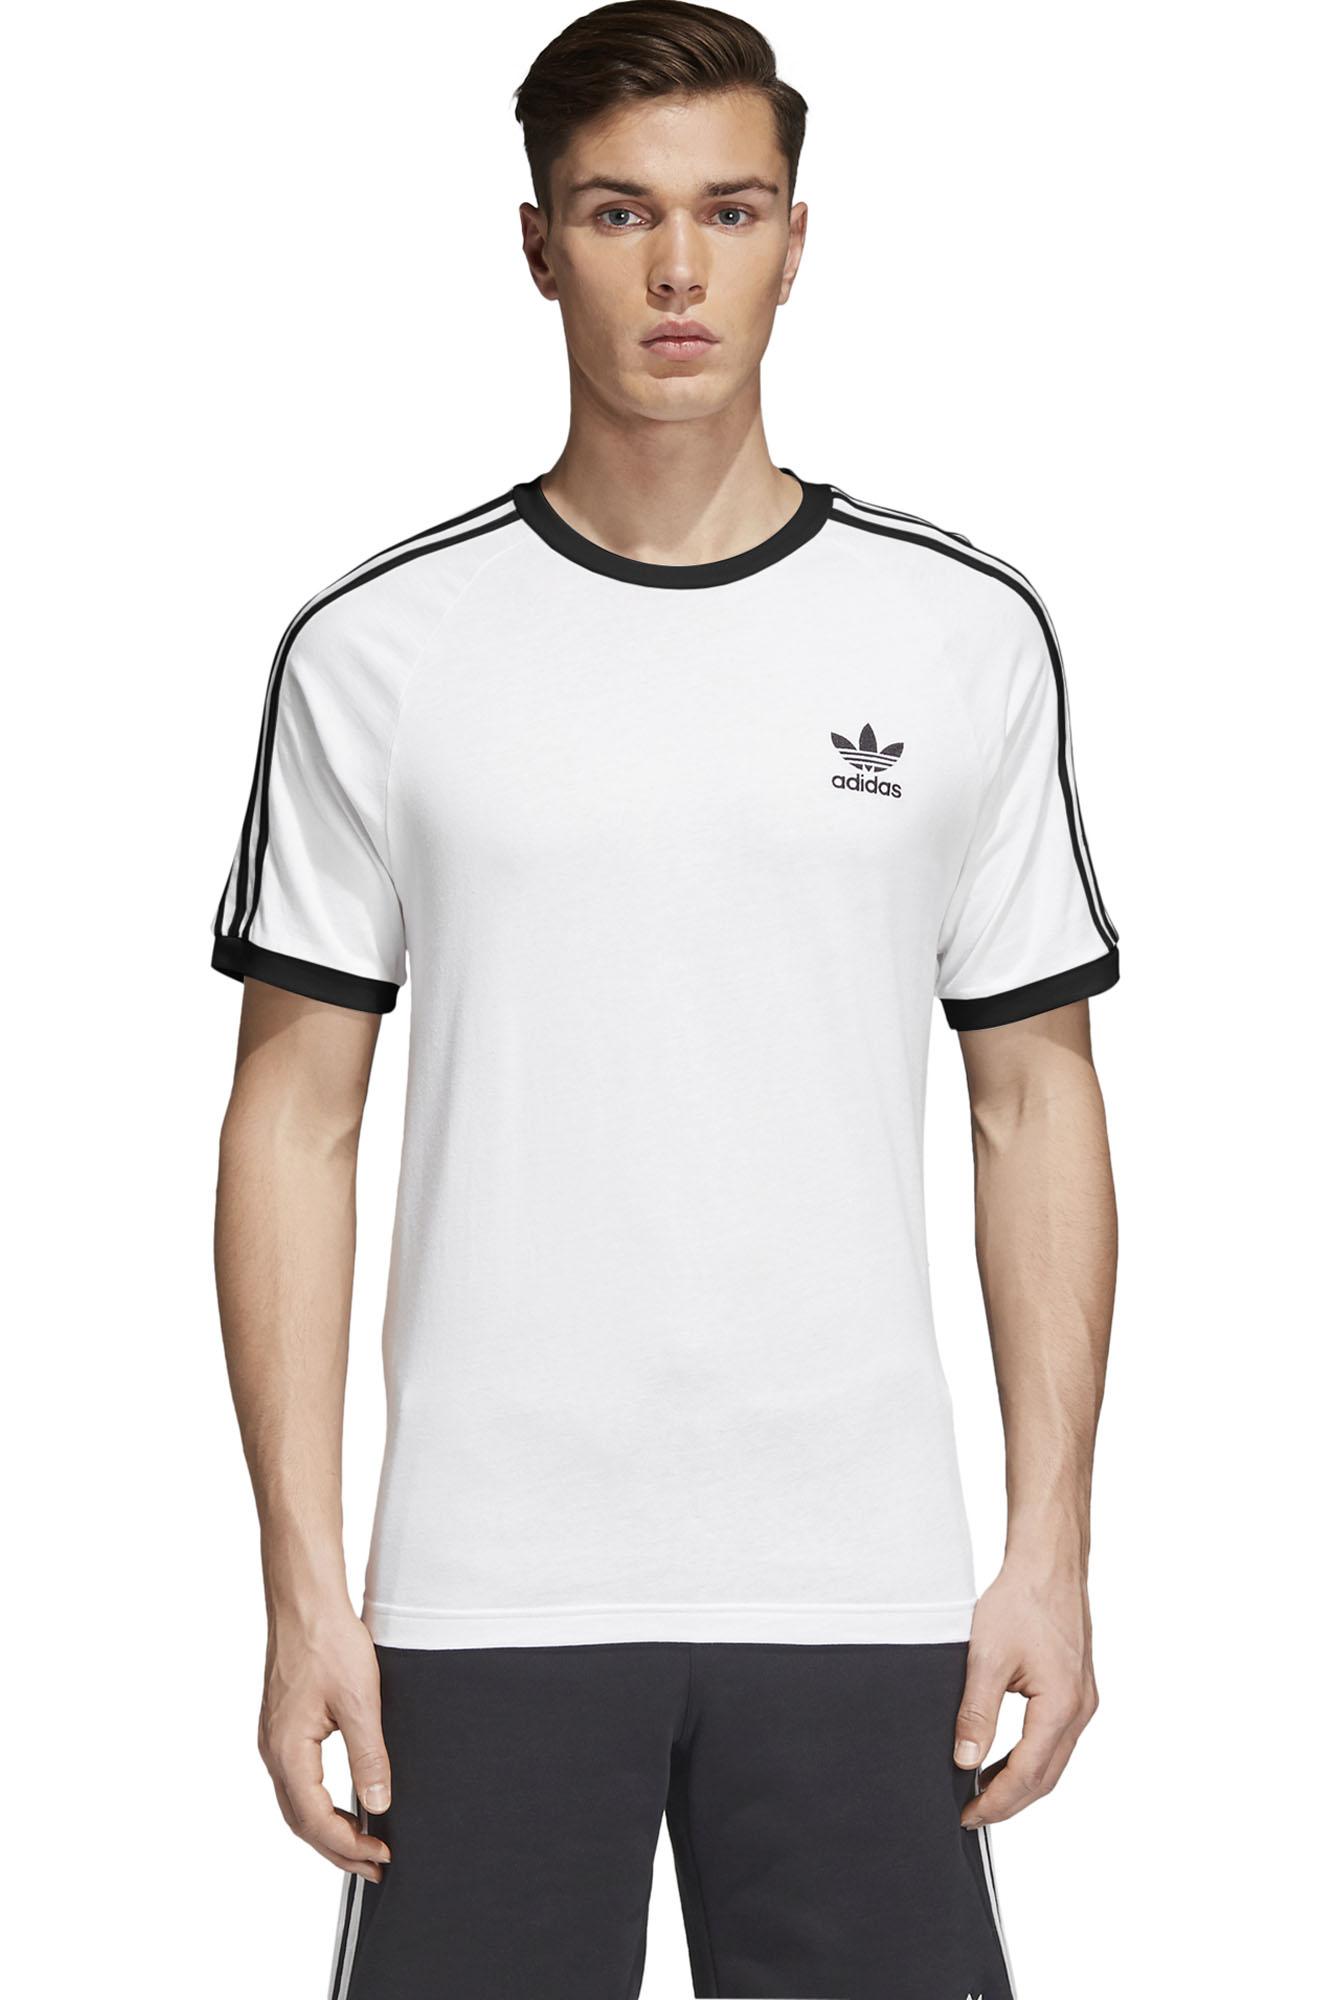 zaoszczędź do 80% buty do separacji ekskluzywny asortyment Koszulka adidas Originals 3-Stripes - CW1203 / T-shirt ...